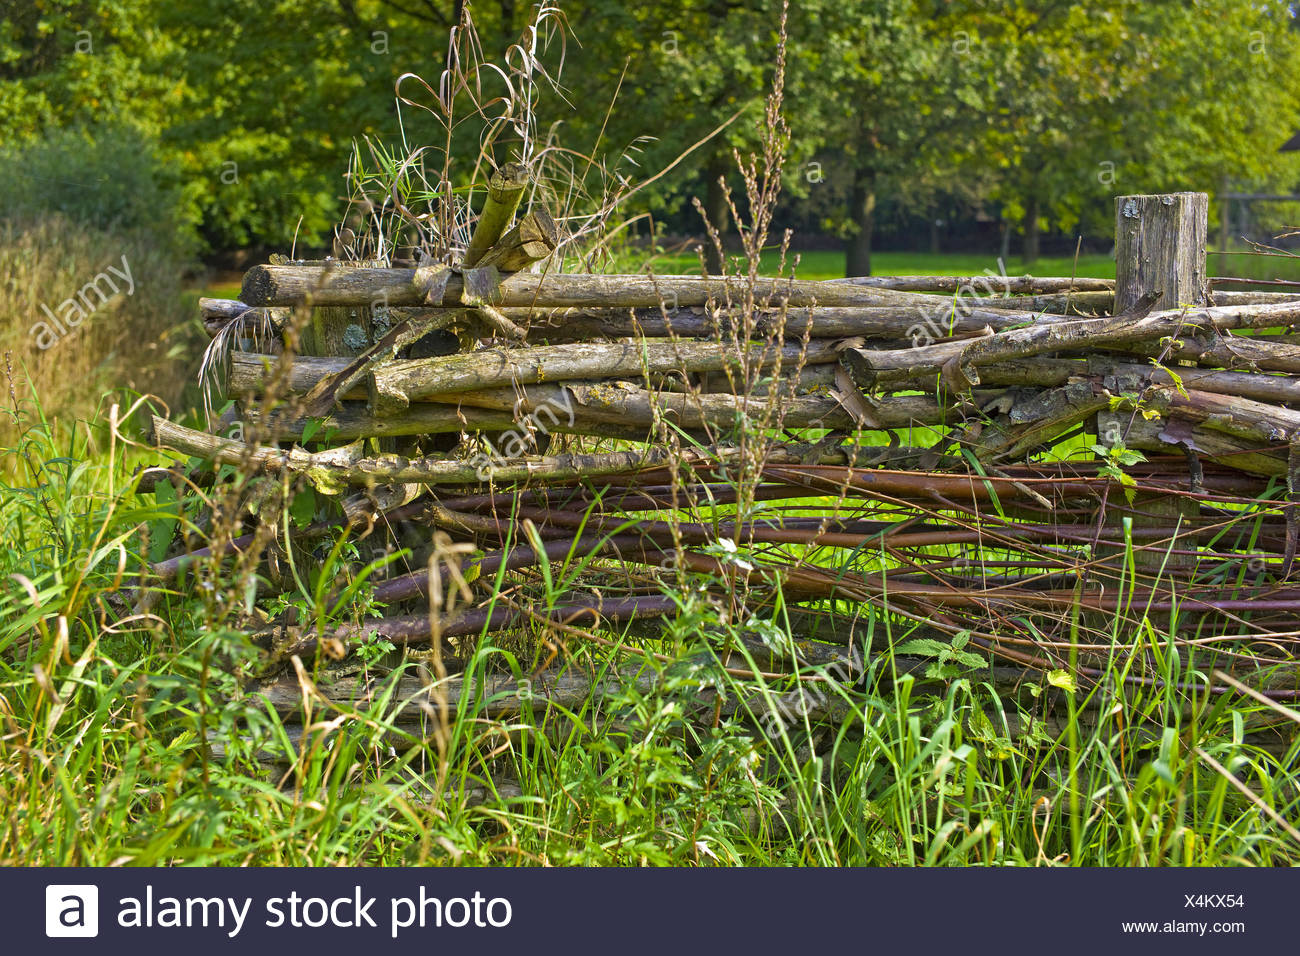 wattle fence in a rural garden, Germany, Lower Saxony Stock Photo